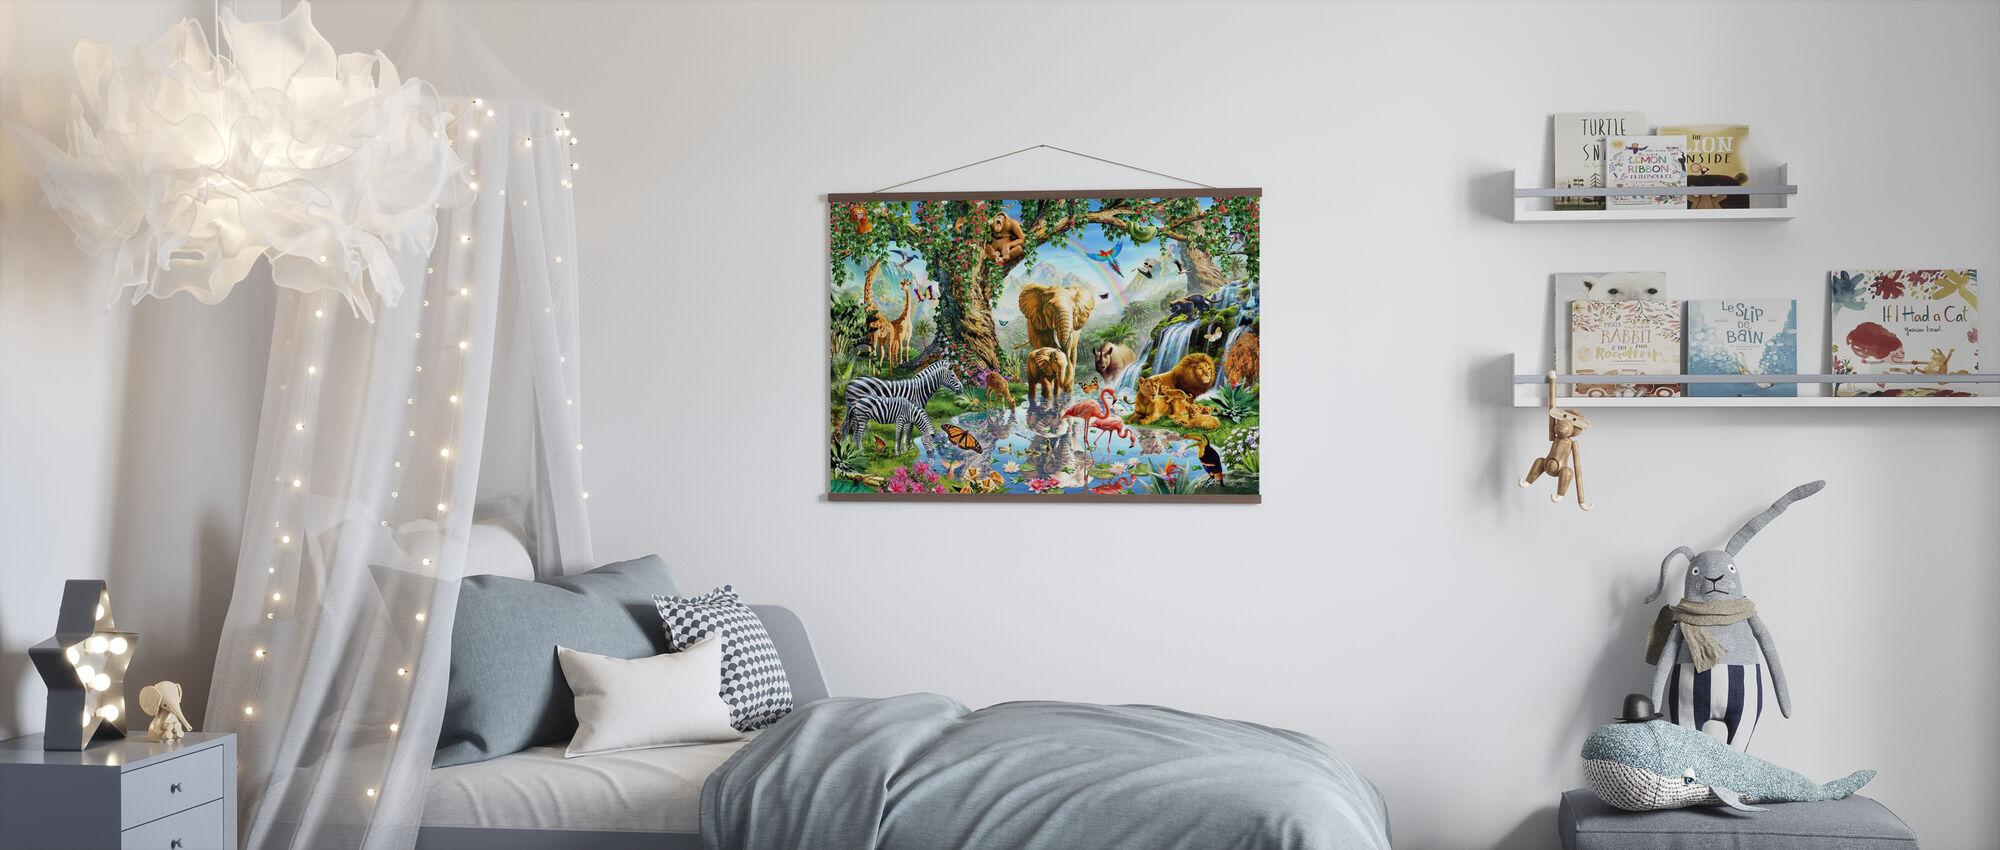 Dschungelsee mit wilden Tieren - Poster - Kinderzimmer